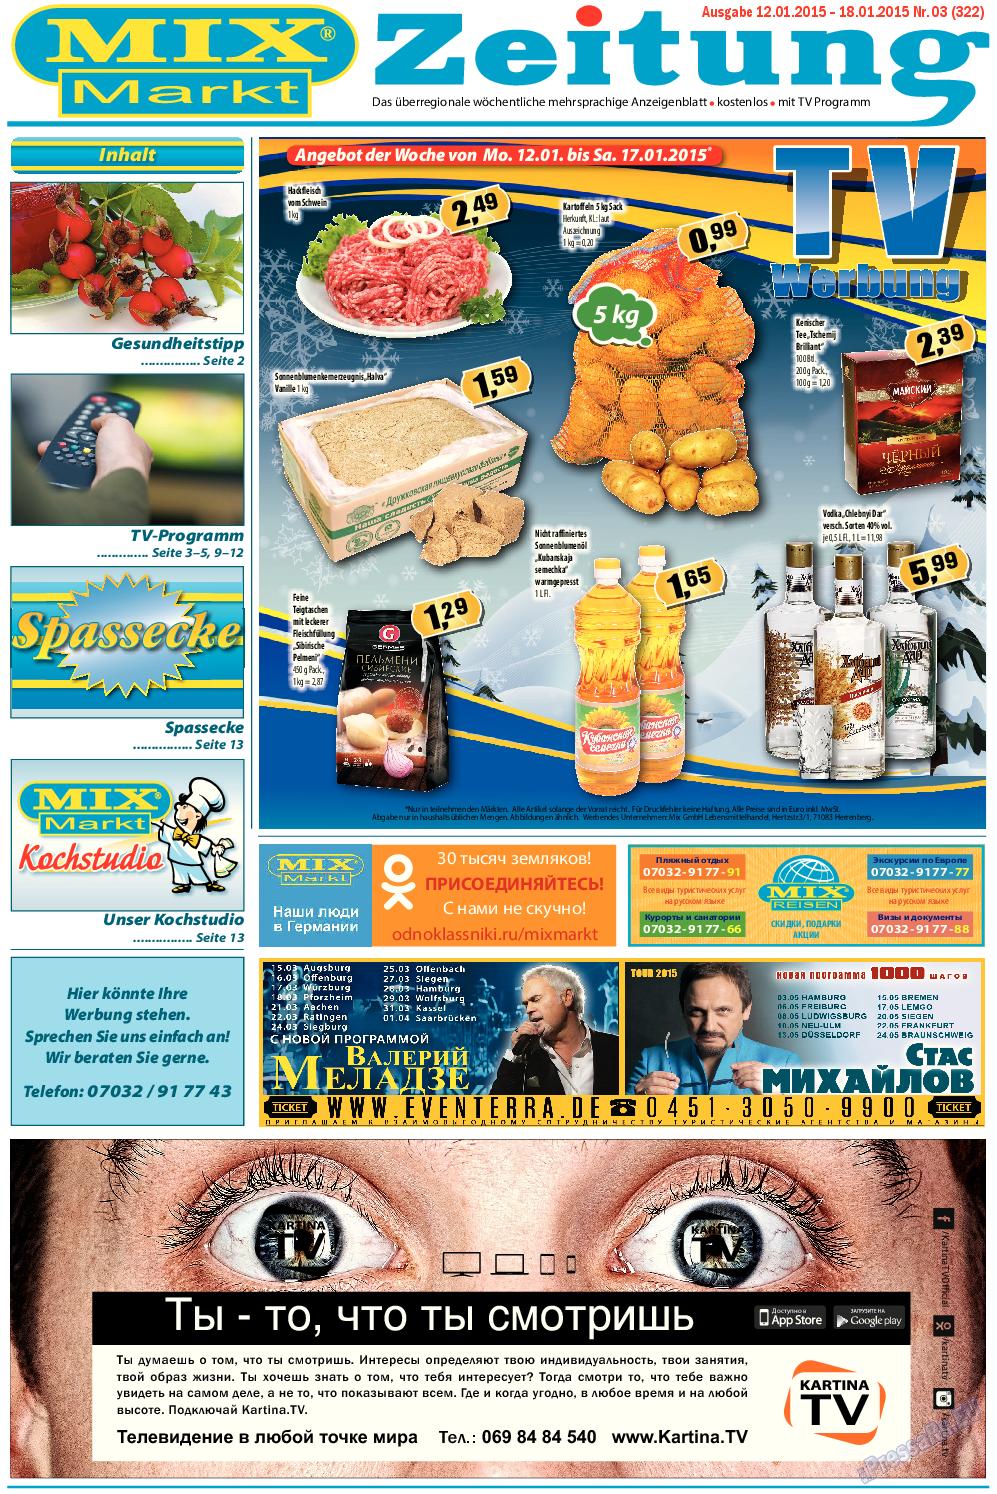 MIX-Markt Zeitung (газета). 2015 год, номер 3, стр. 1